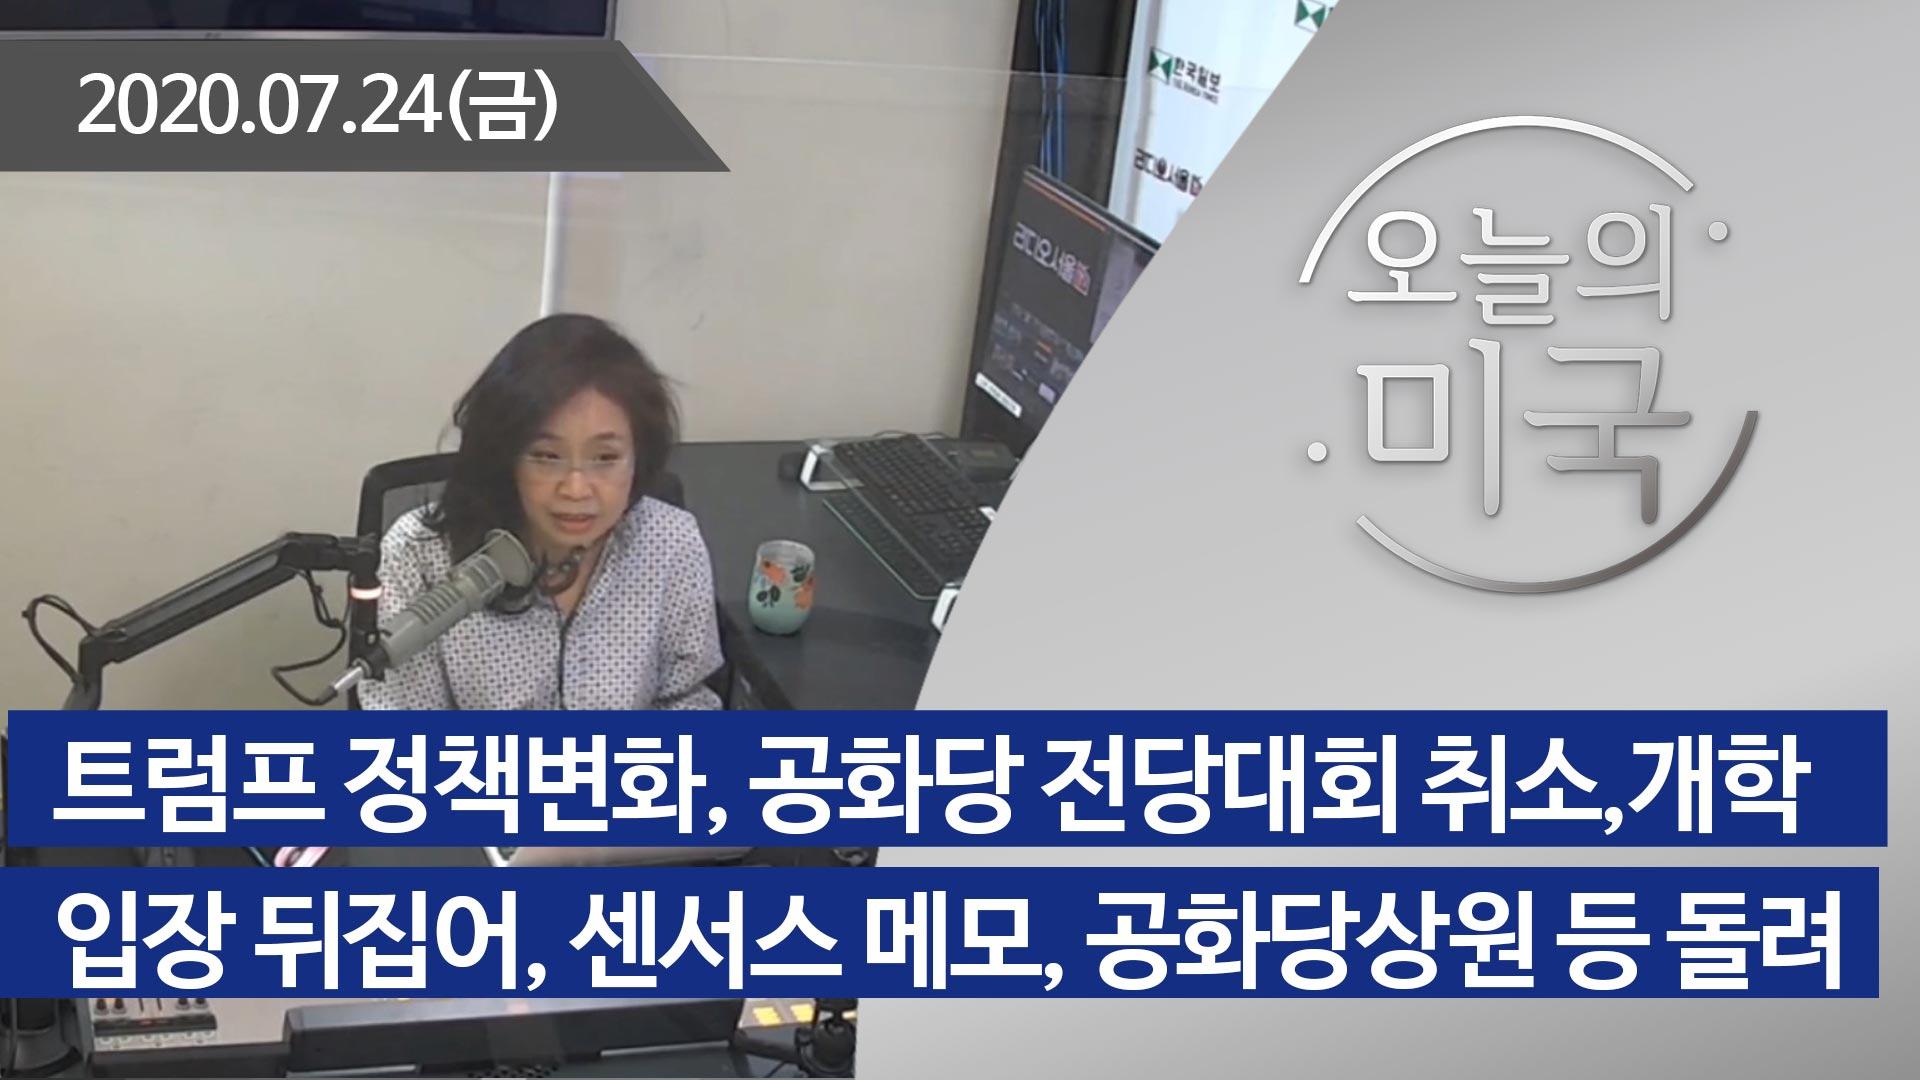 강혜신의 오늘의 미국 (07.24.2020)